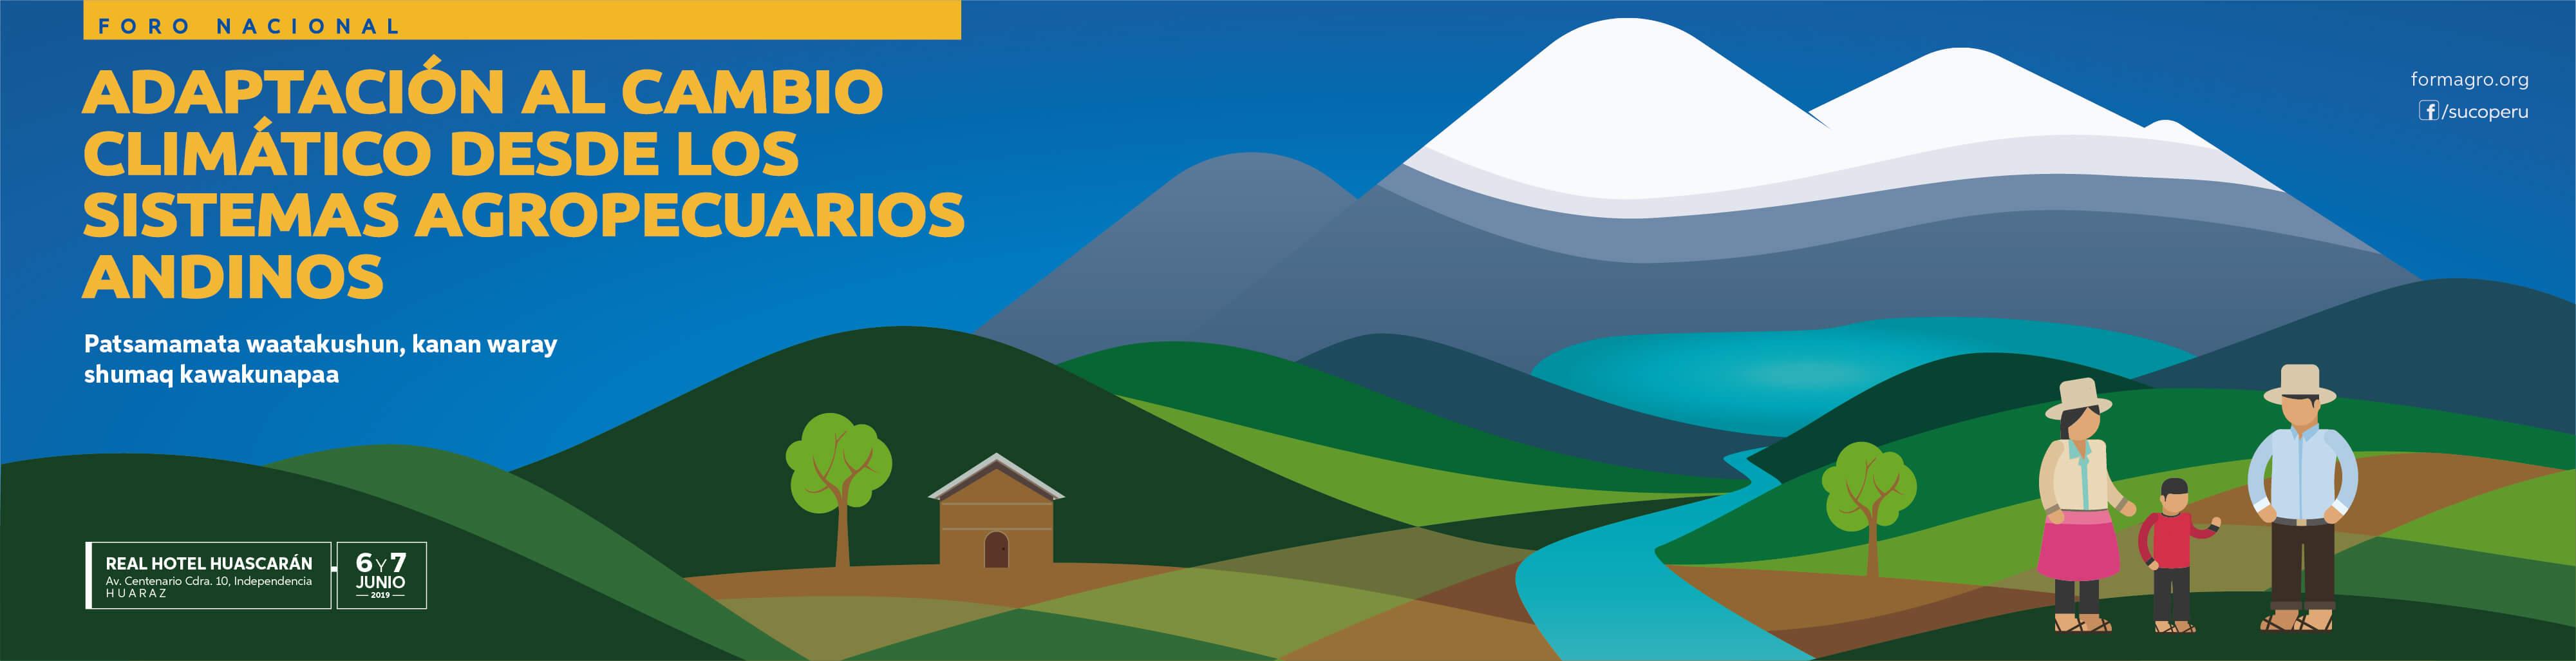 """Foro Nacional """"Adaptación al cambio climático desde los sistemas agropecuarios andinos"""""""